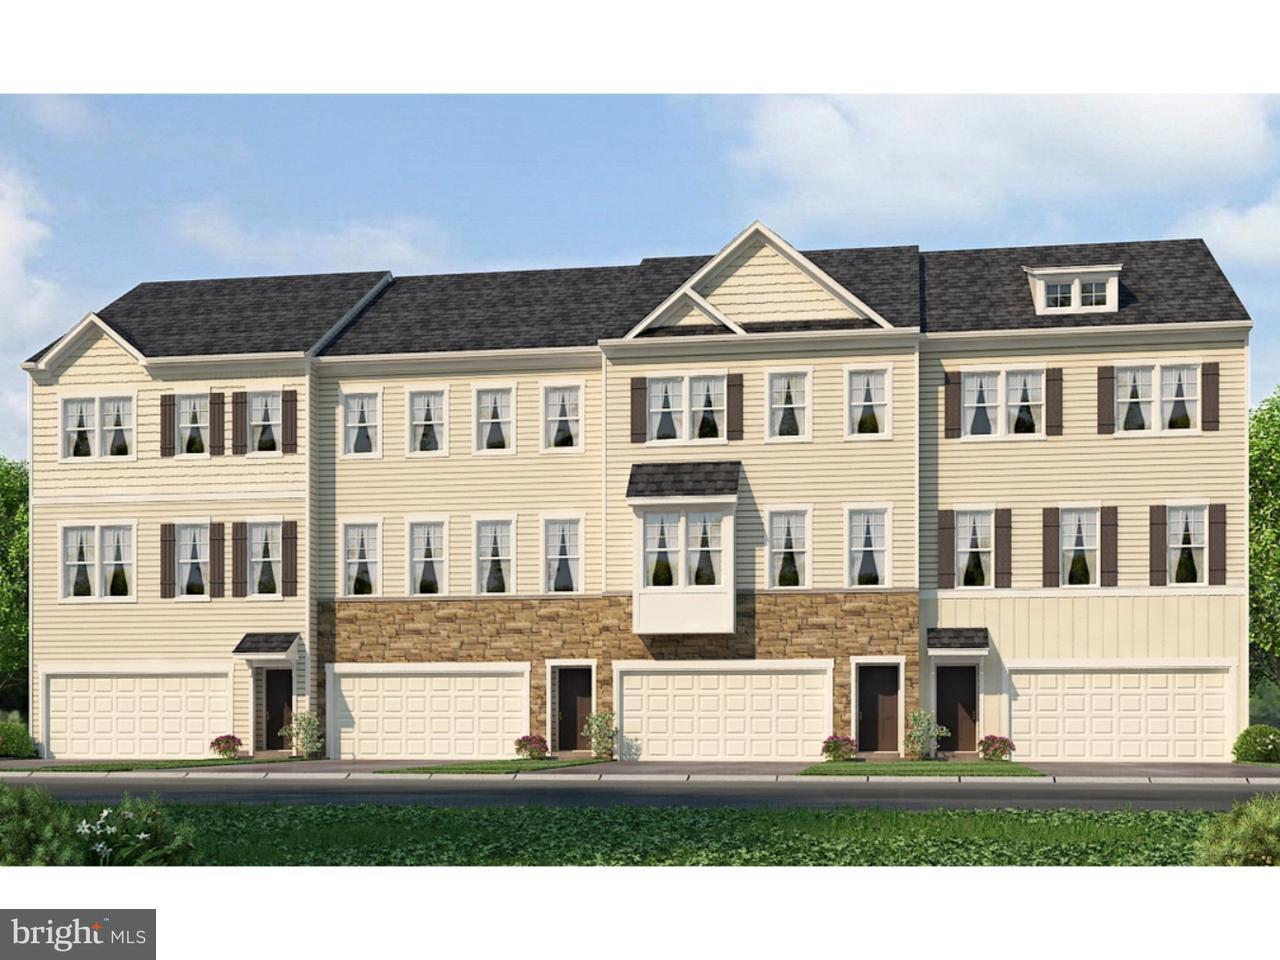 Radhus för Försäljning vid 21 SULLIVAN WAY Marlton, New Jersey 08053 Usa